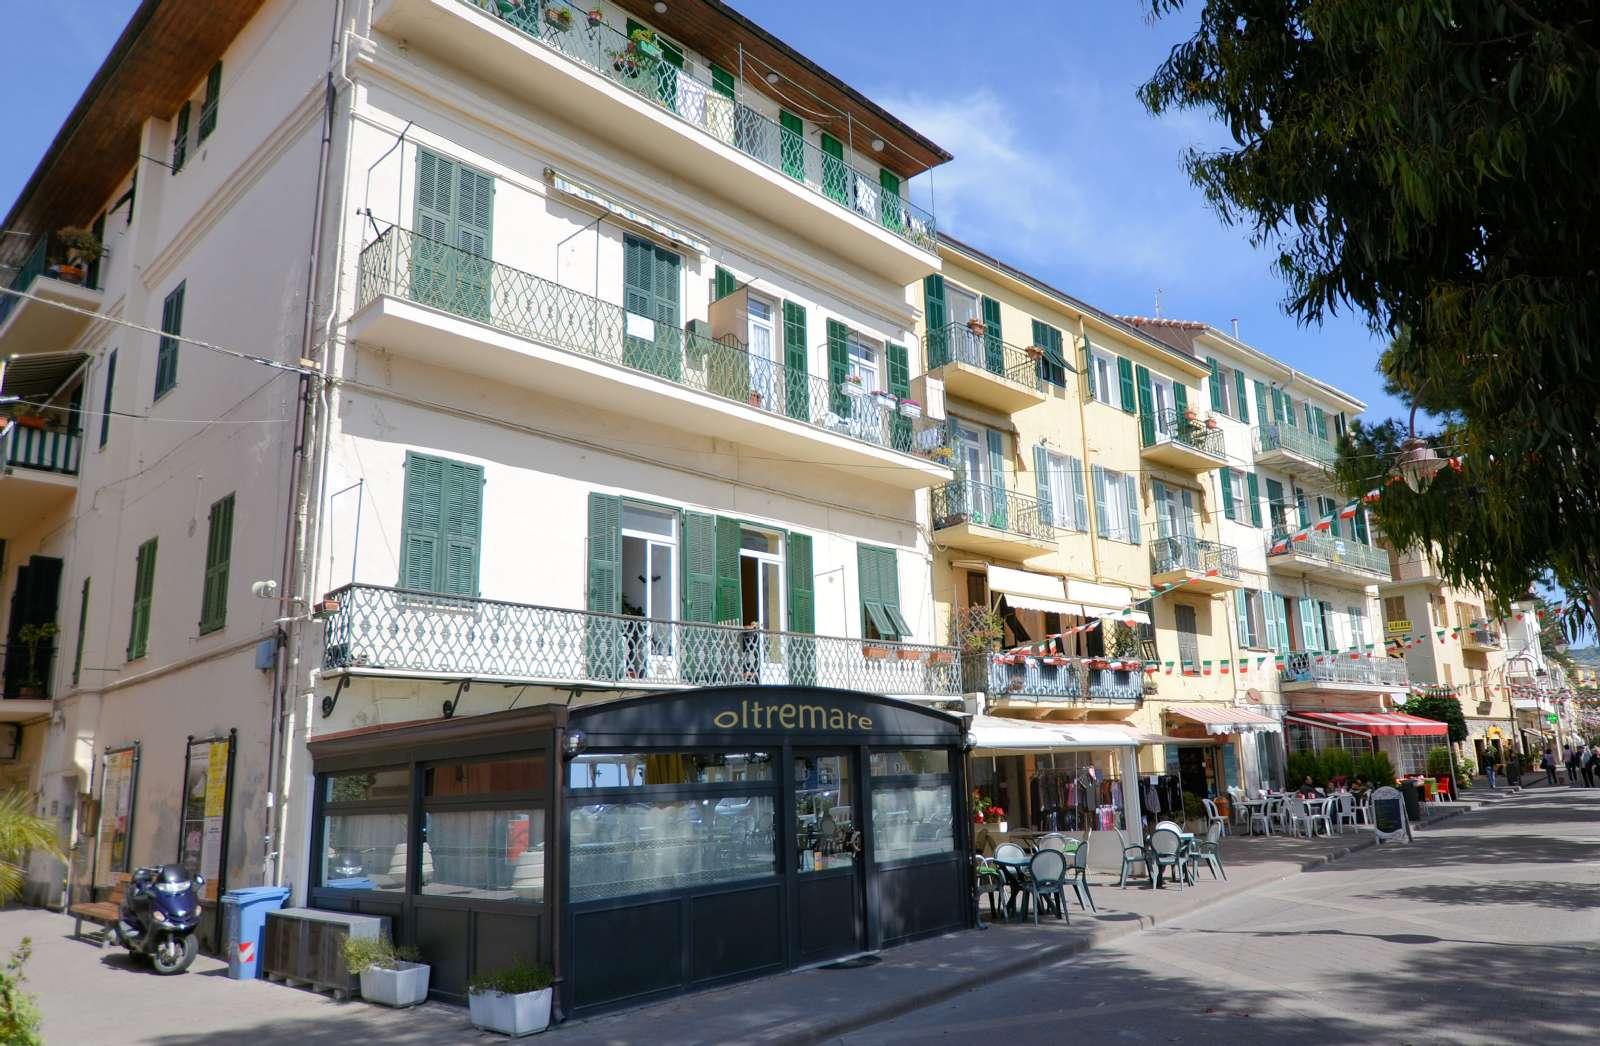 9 af de 15 værelser ligger i en bygning ca. 50 m fra hotellet